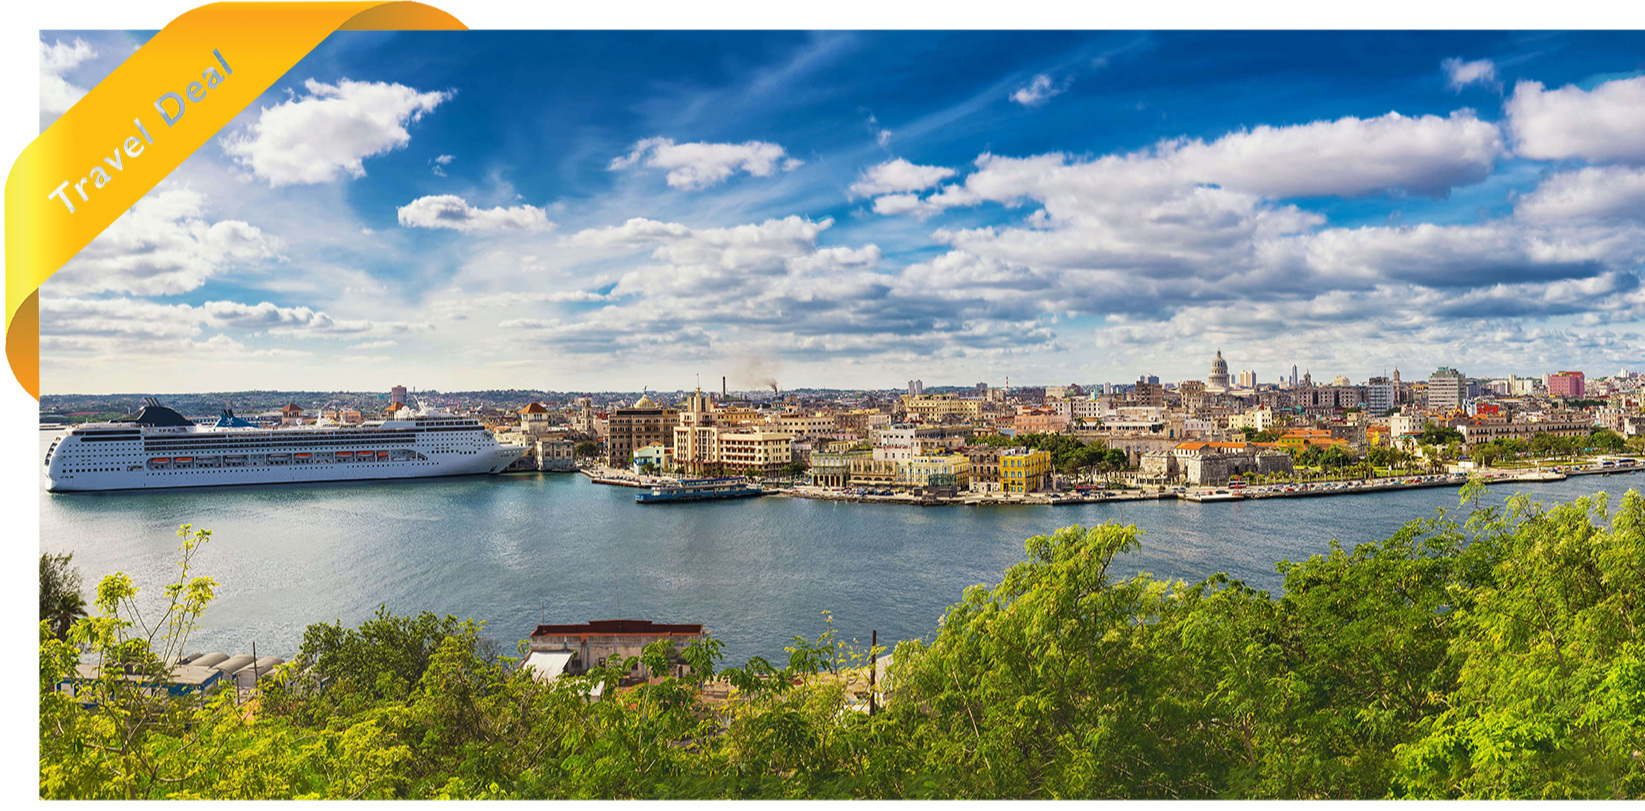 havana_port_cuba_cruise.jpg